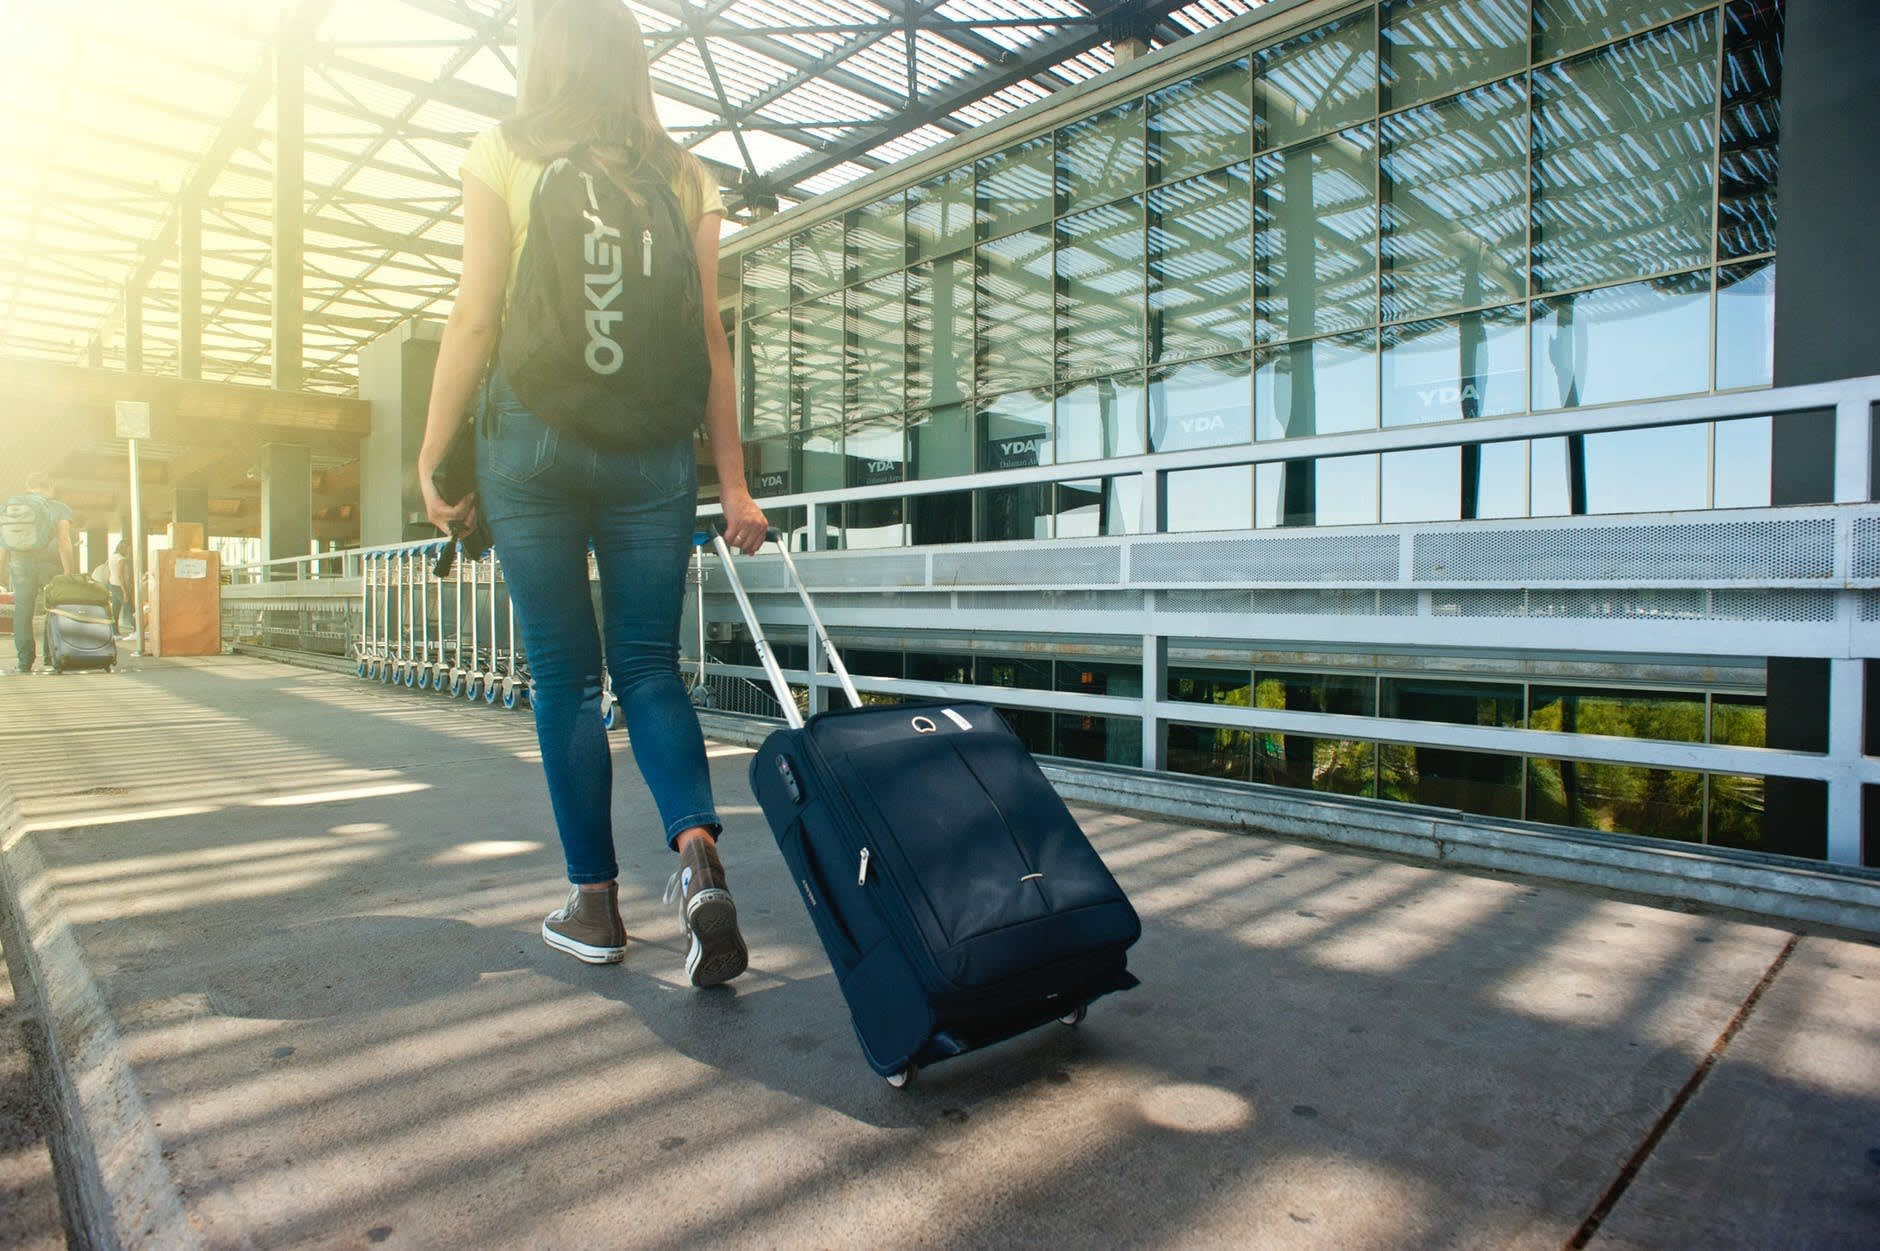 du lịch thái lan một mình cho bạn nữ: sử dụng dịch vụ đưa đón tại sân bay